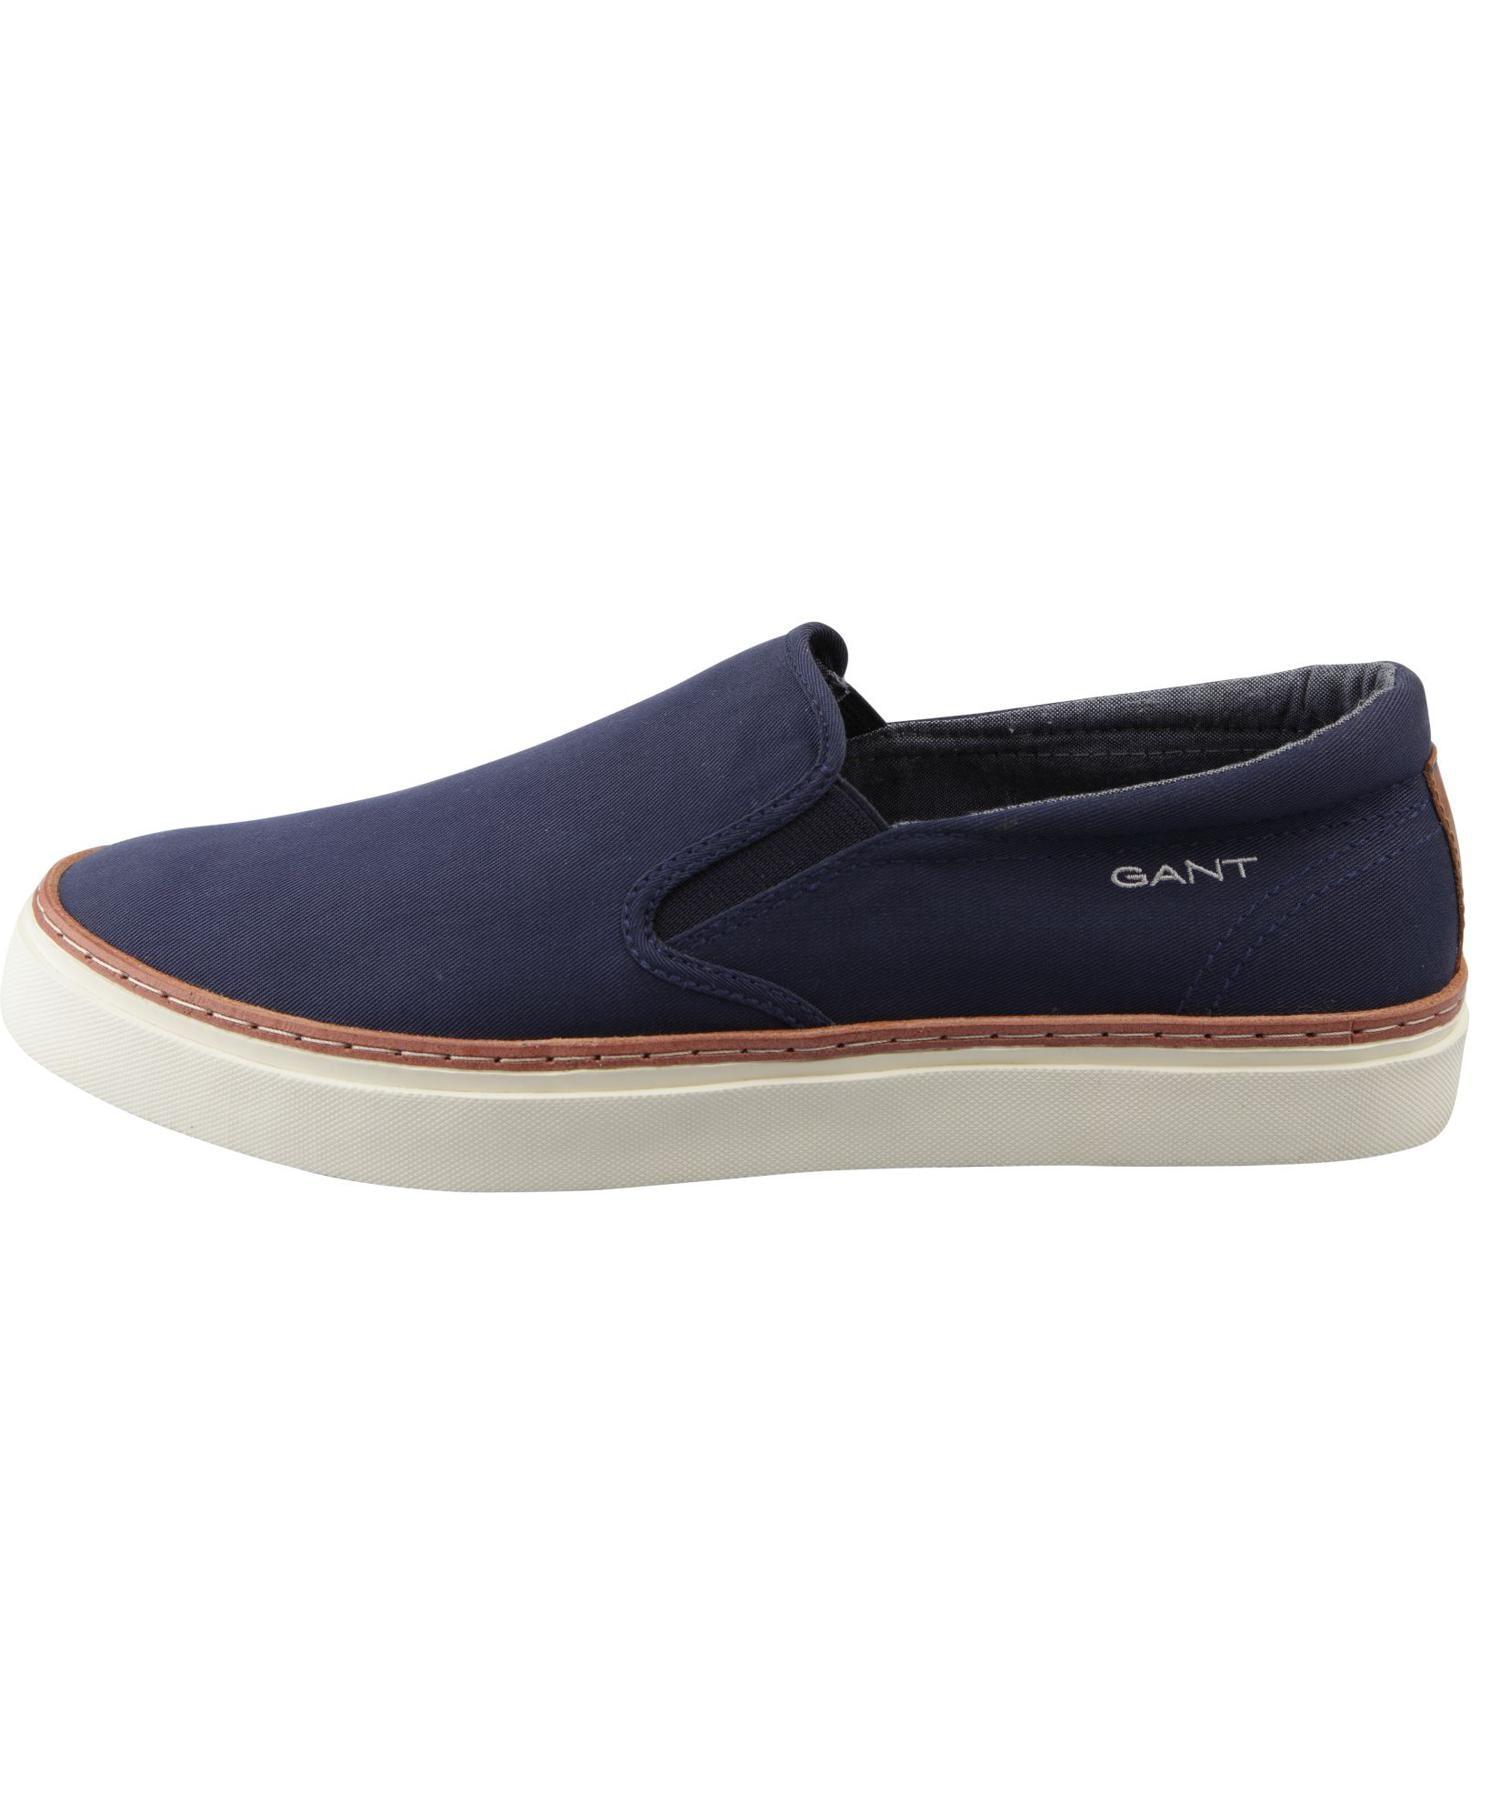 Gant Bari Slip inn sko